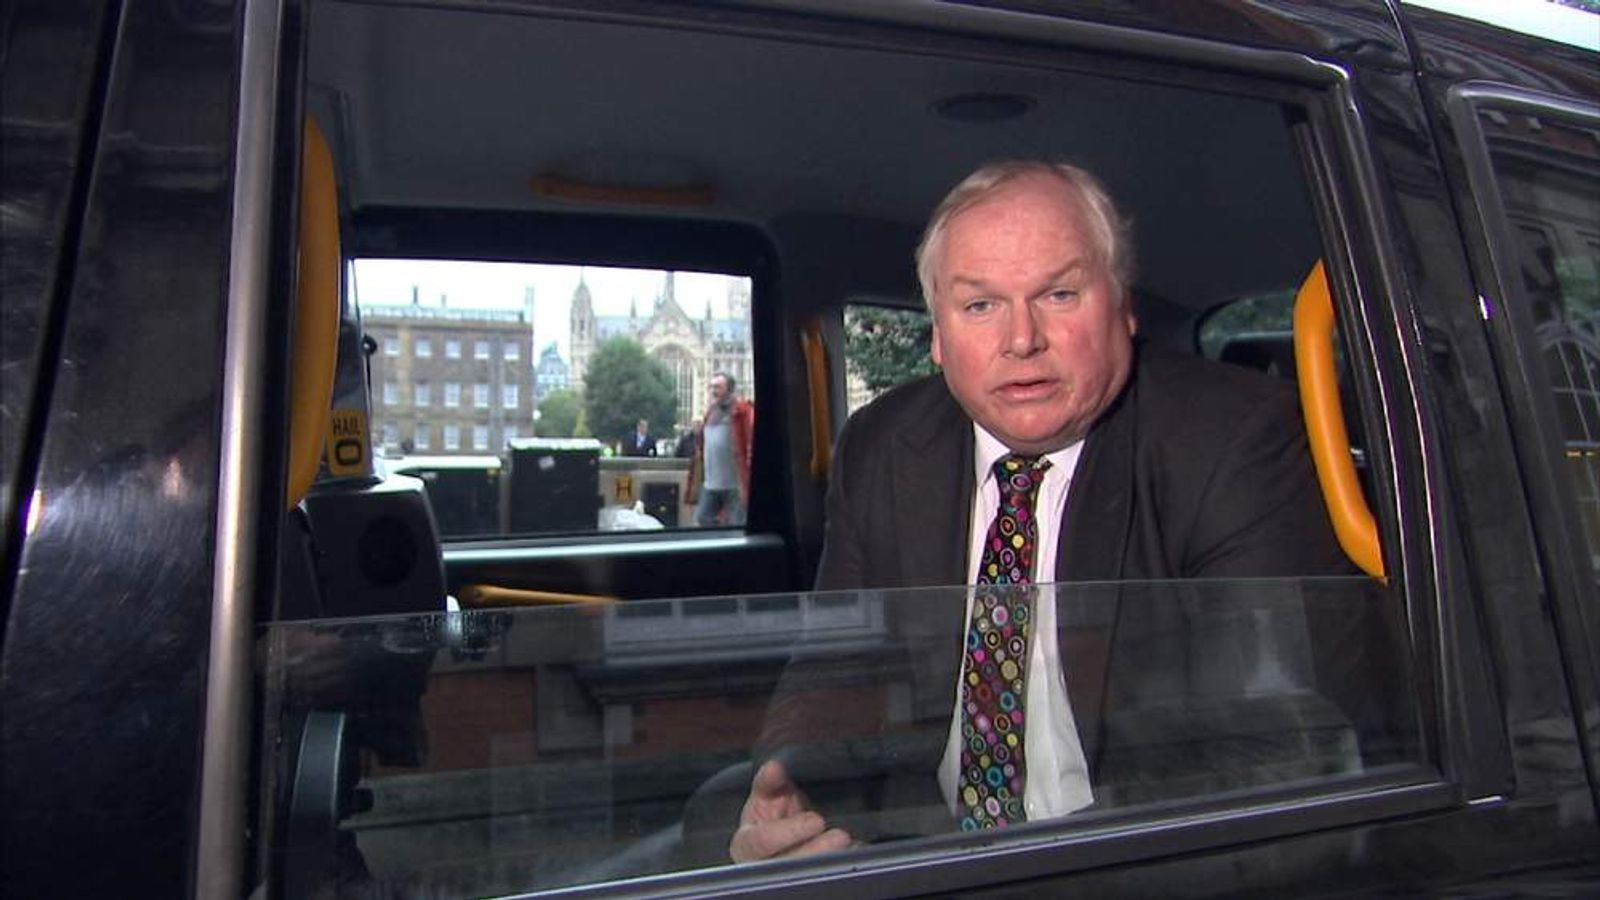 Adam Boulton in a taxi